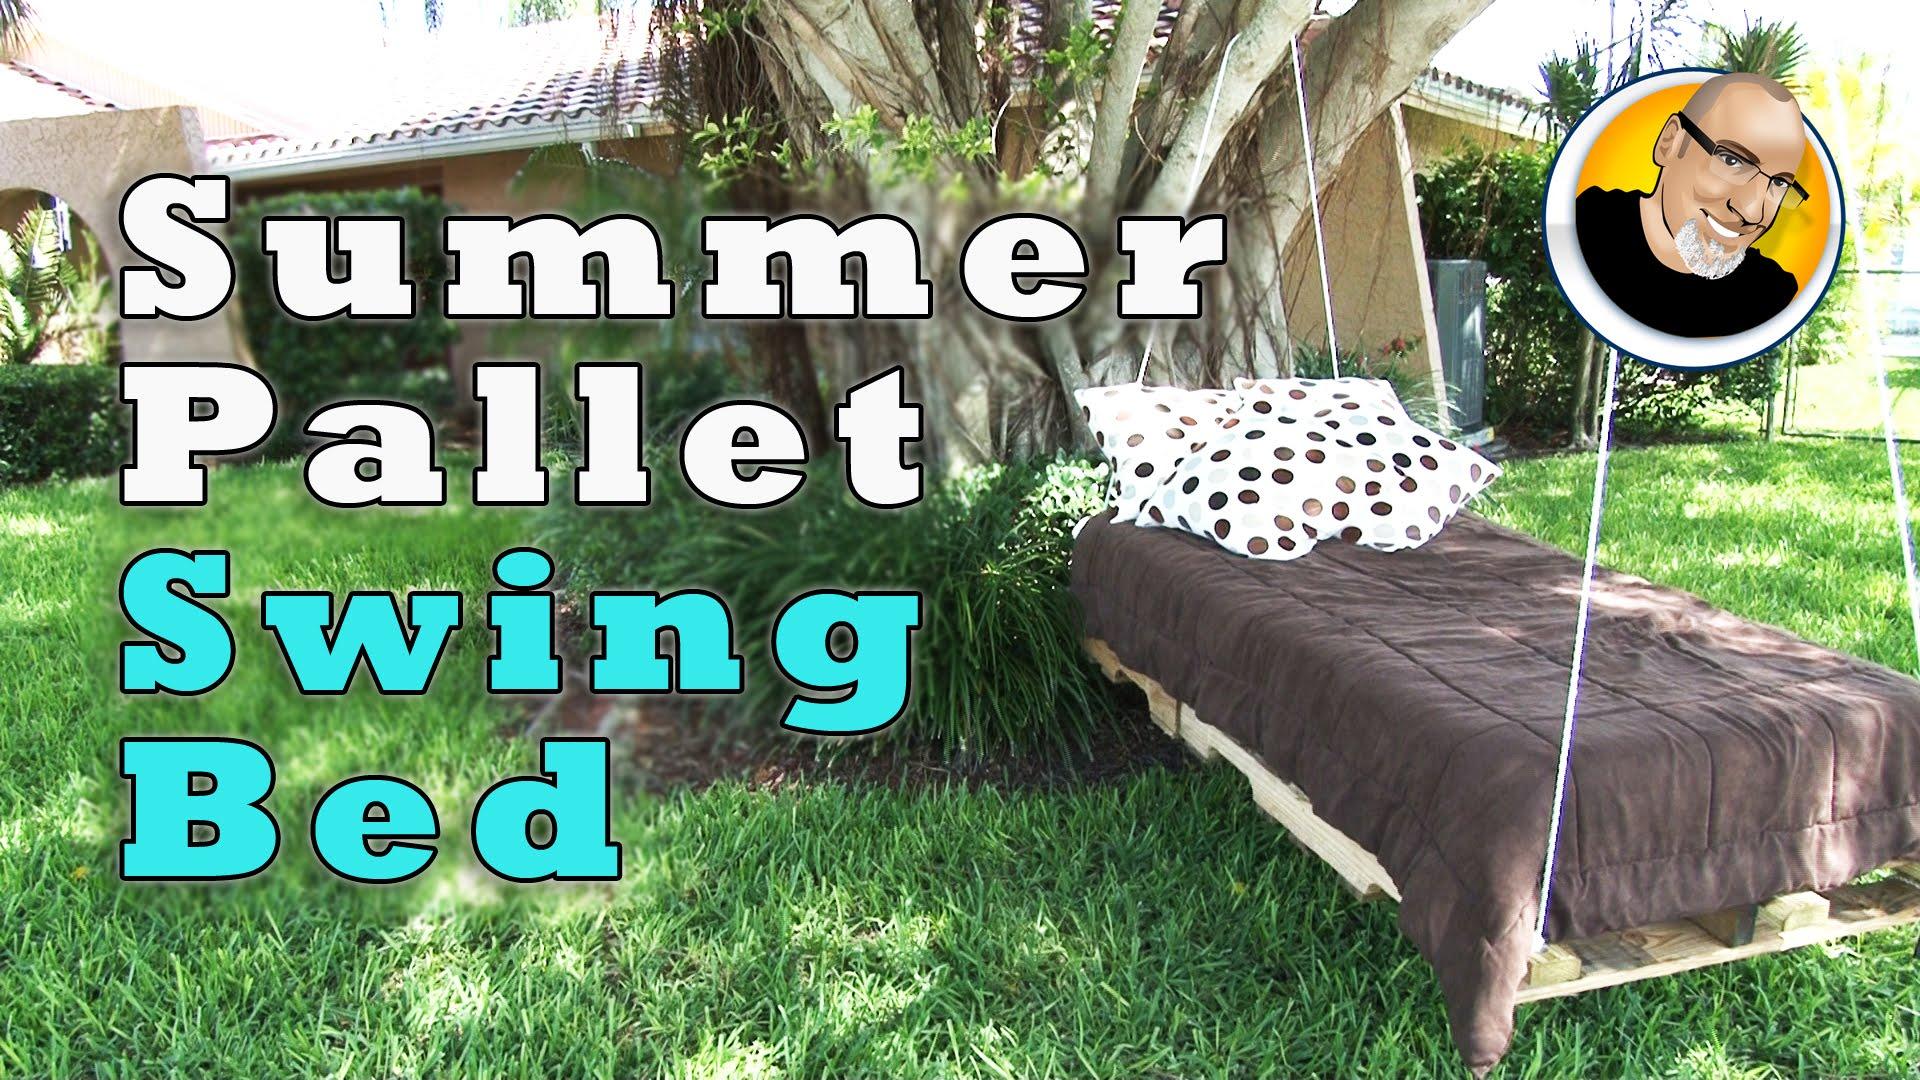 Споил две дрвени палети и направил нешто совршено за летните денови! Генијално!